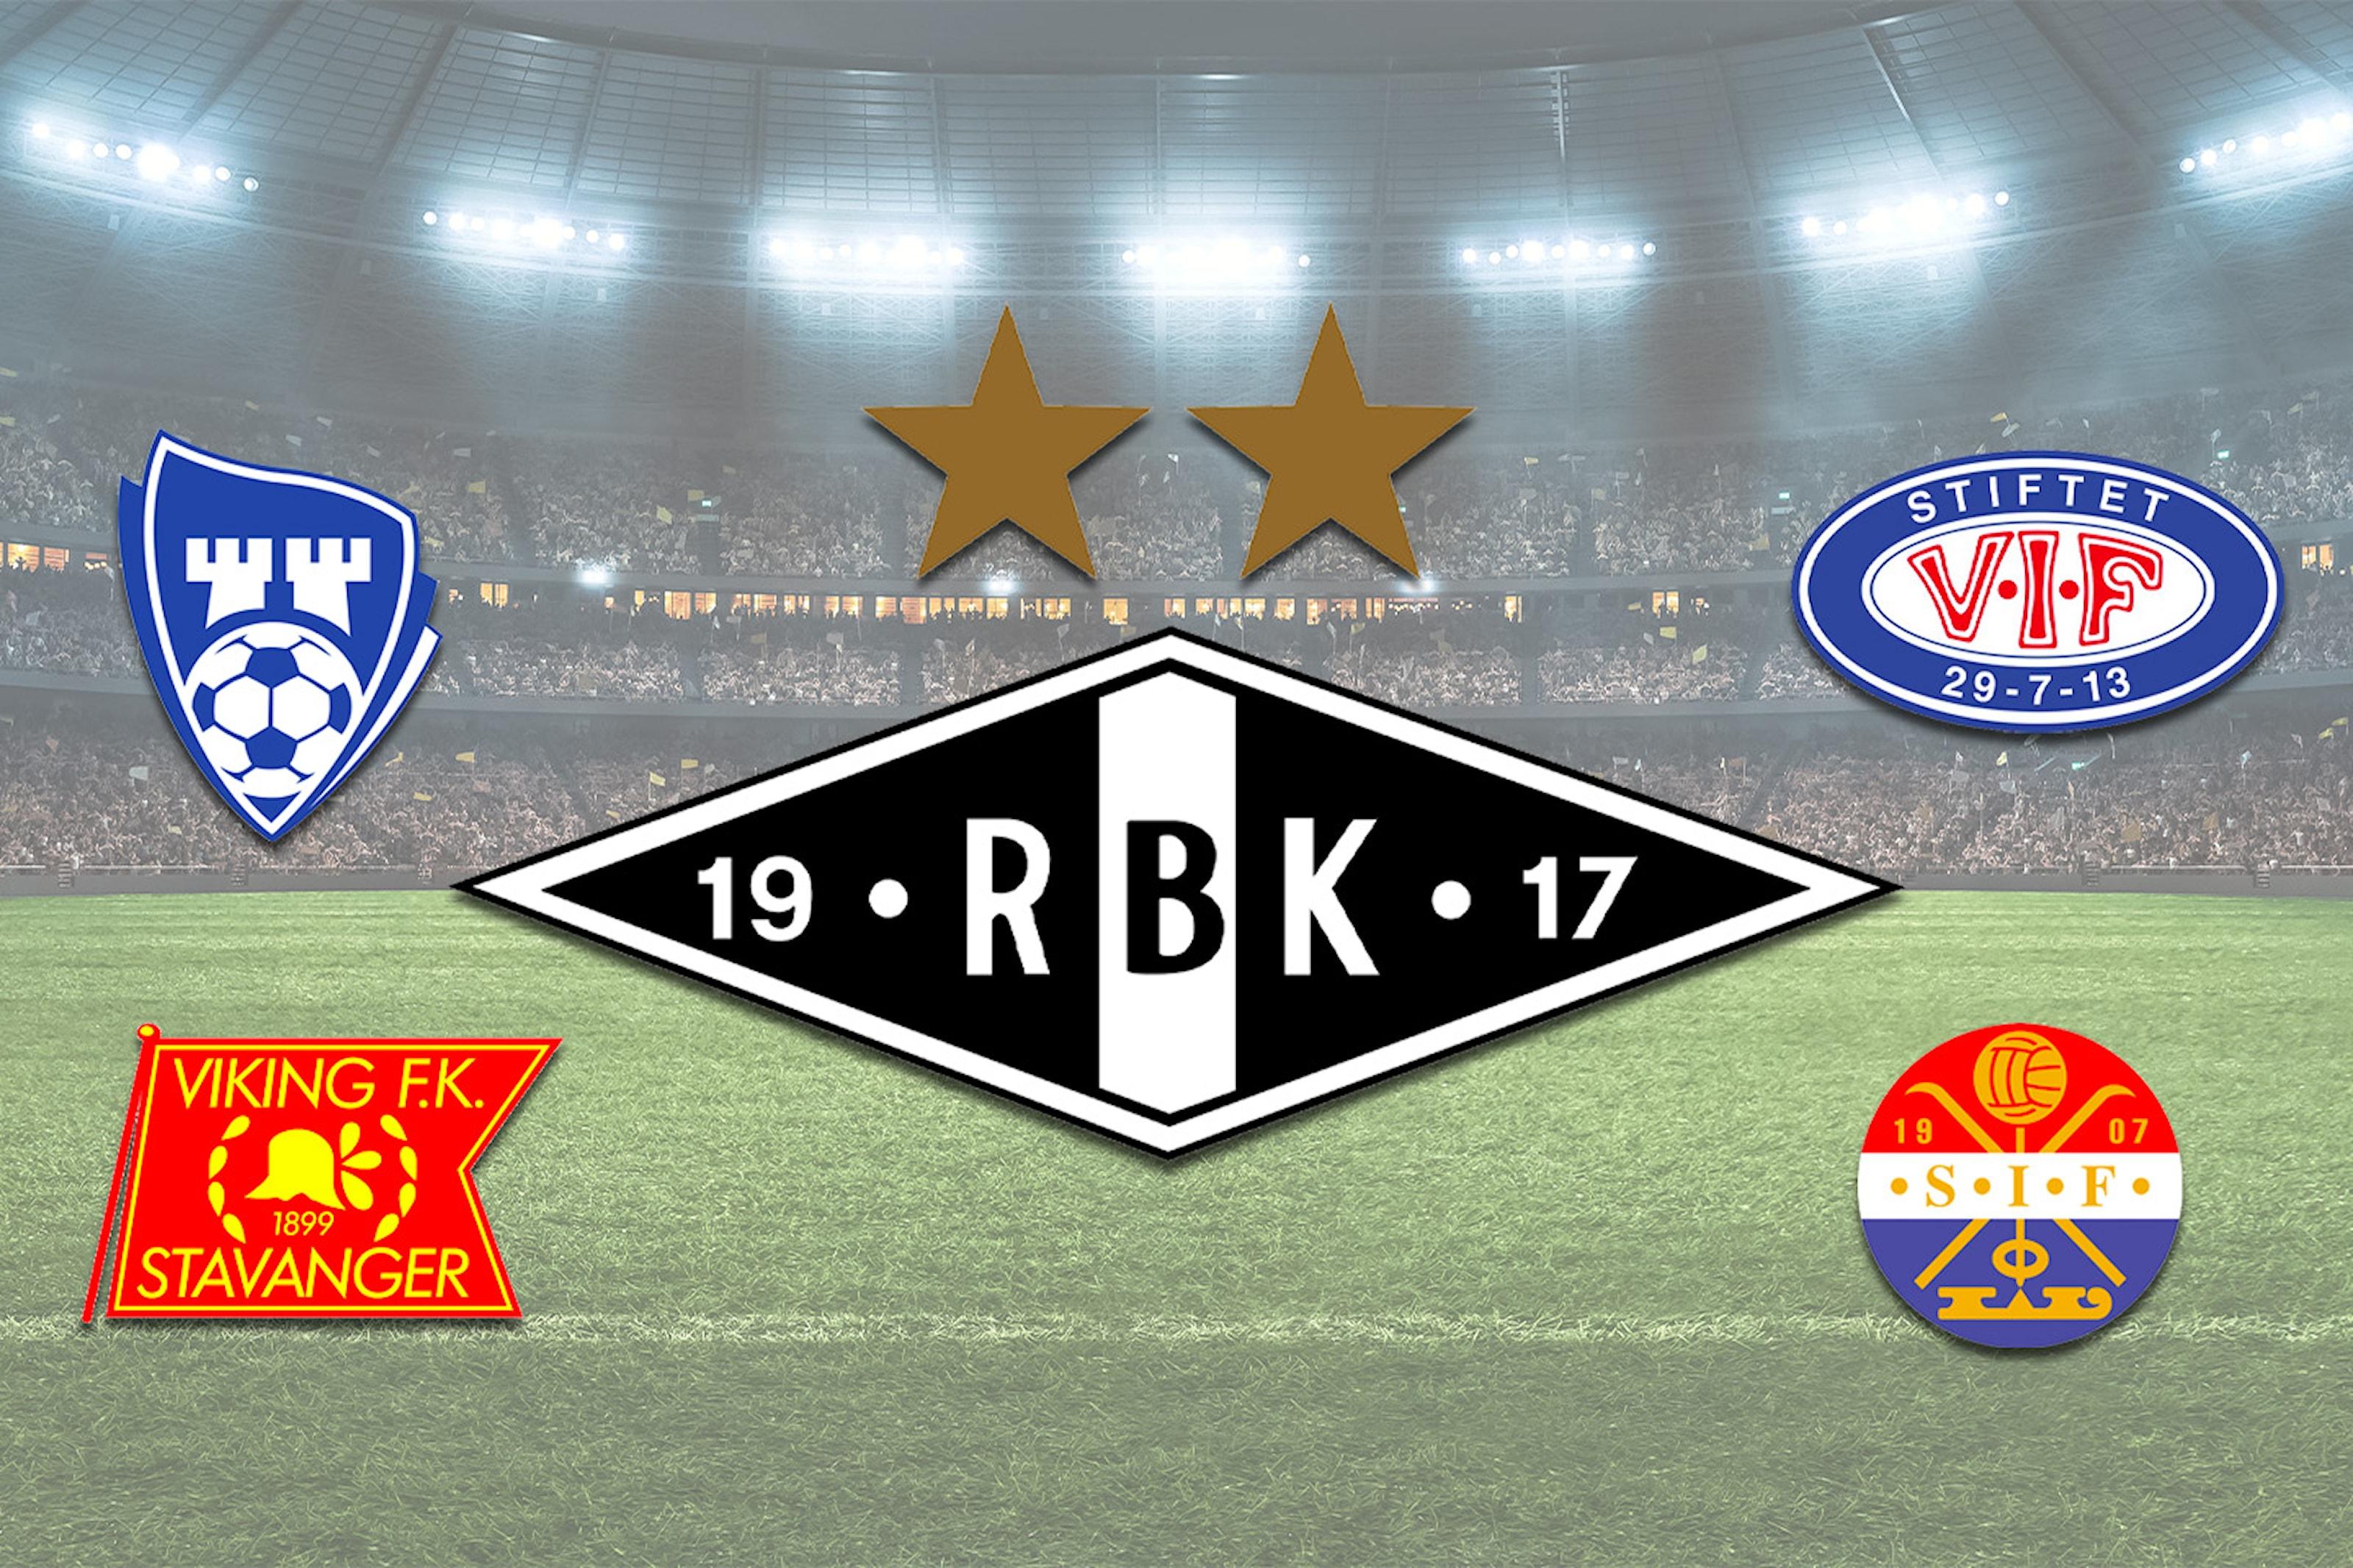 Rosenborgs hjemmekamper våren 2019